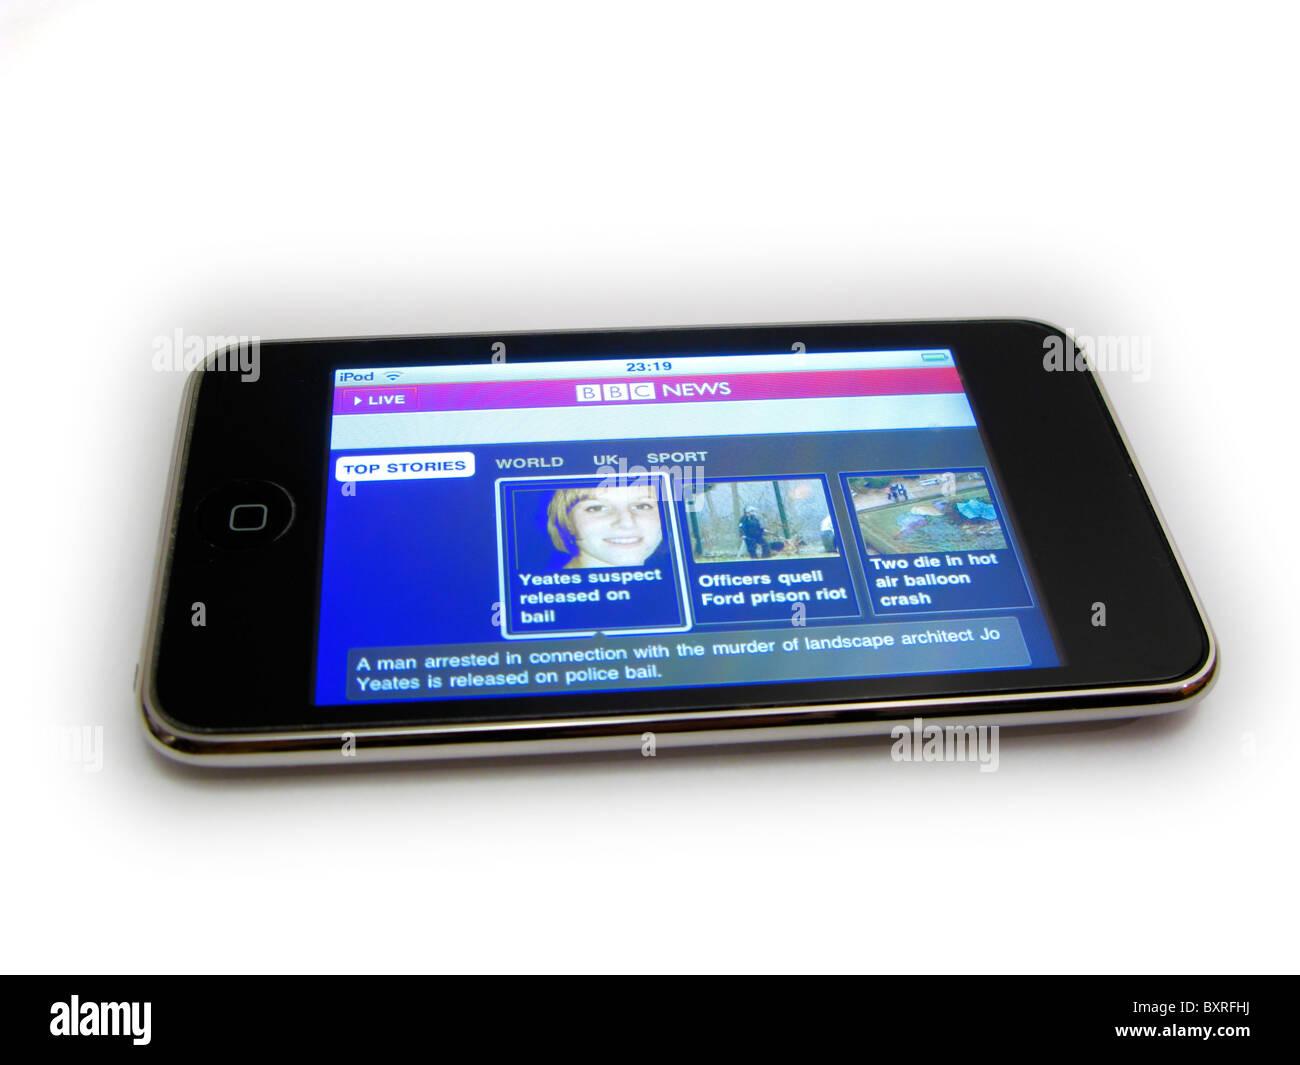 Découpe de l'ipod touch montrant bbc news home page Joanna Yeates meurtre enquête sur fond blanc Photo Stock